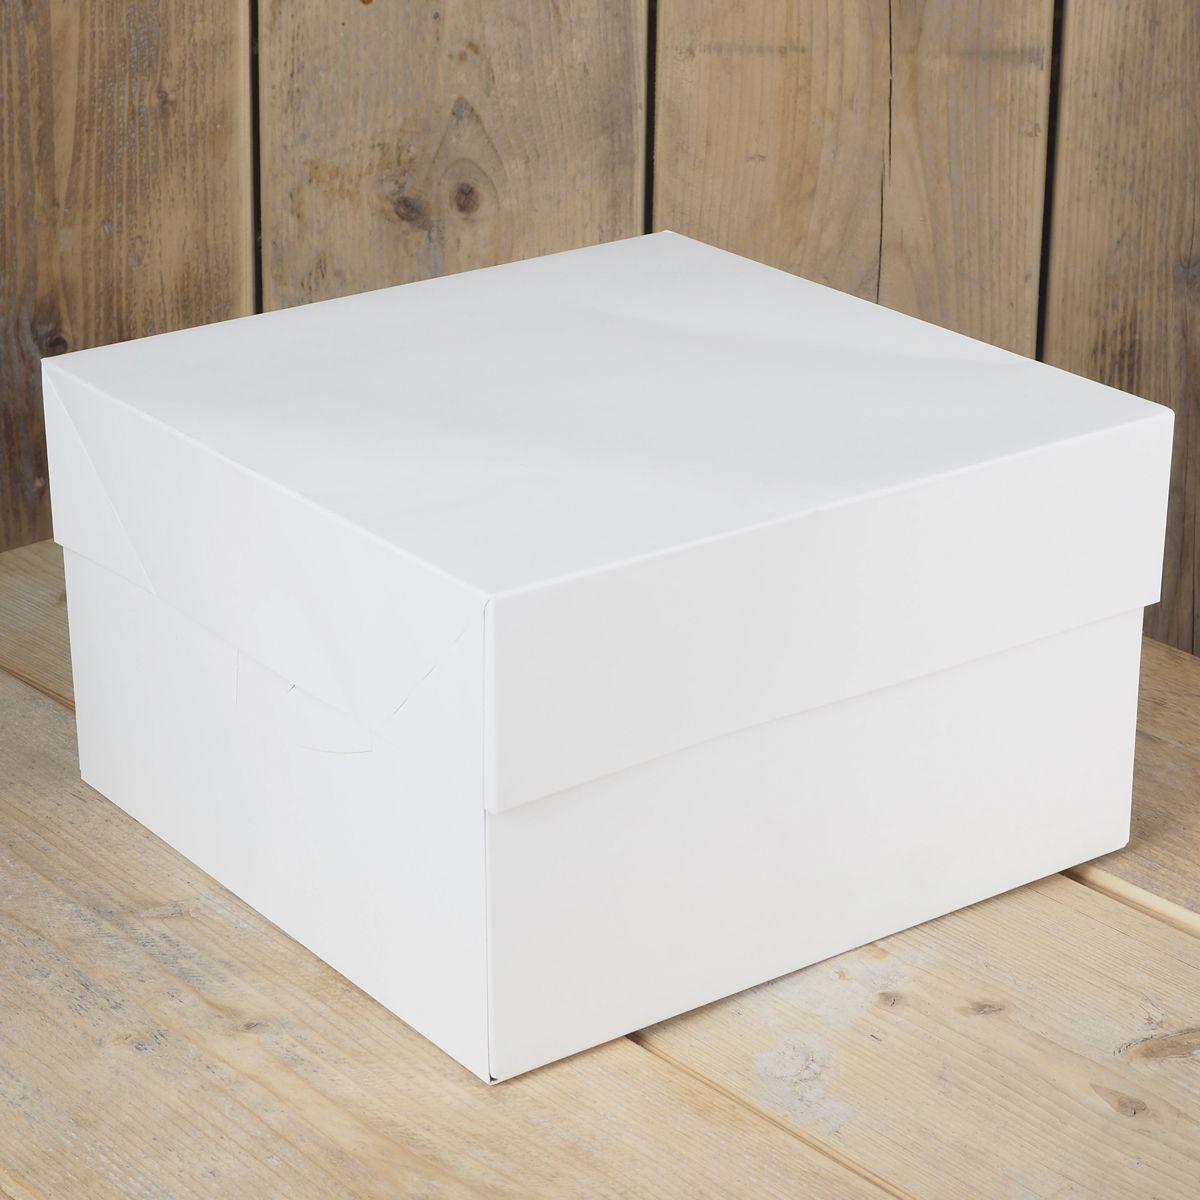 Image of   Funcakes hvid kageboks - 35 x 35 x 15 cm